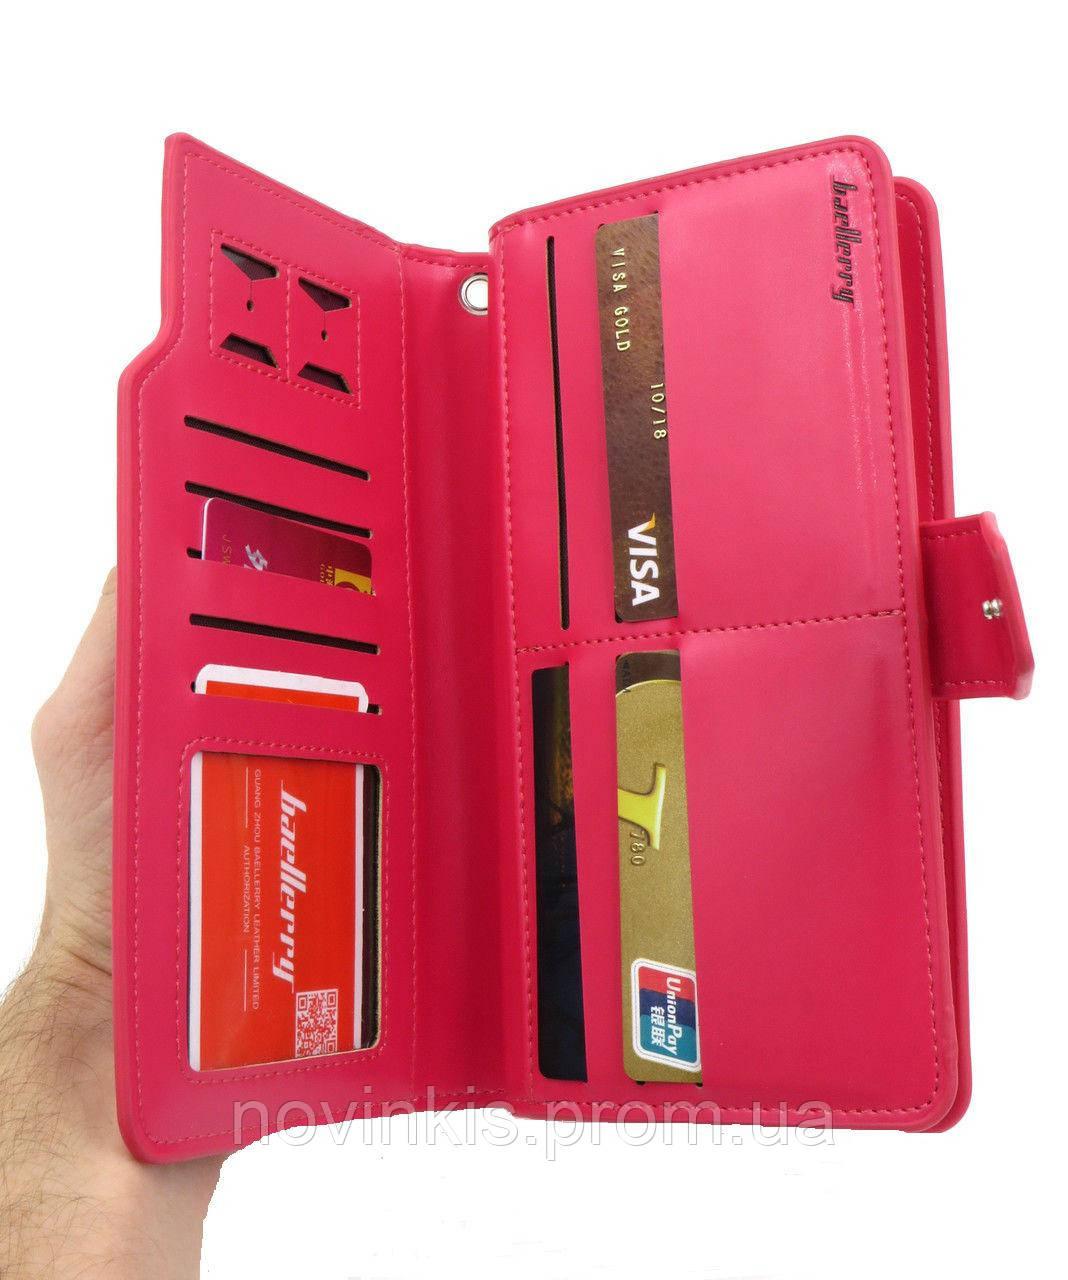 99630525d120 Клатч Женский, портмоне Baellerry Italy. Розовый - купить по лучшей ...